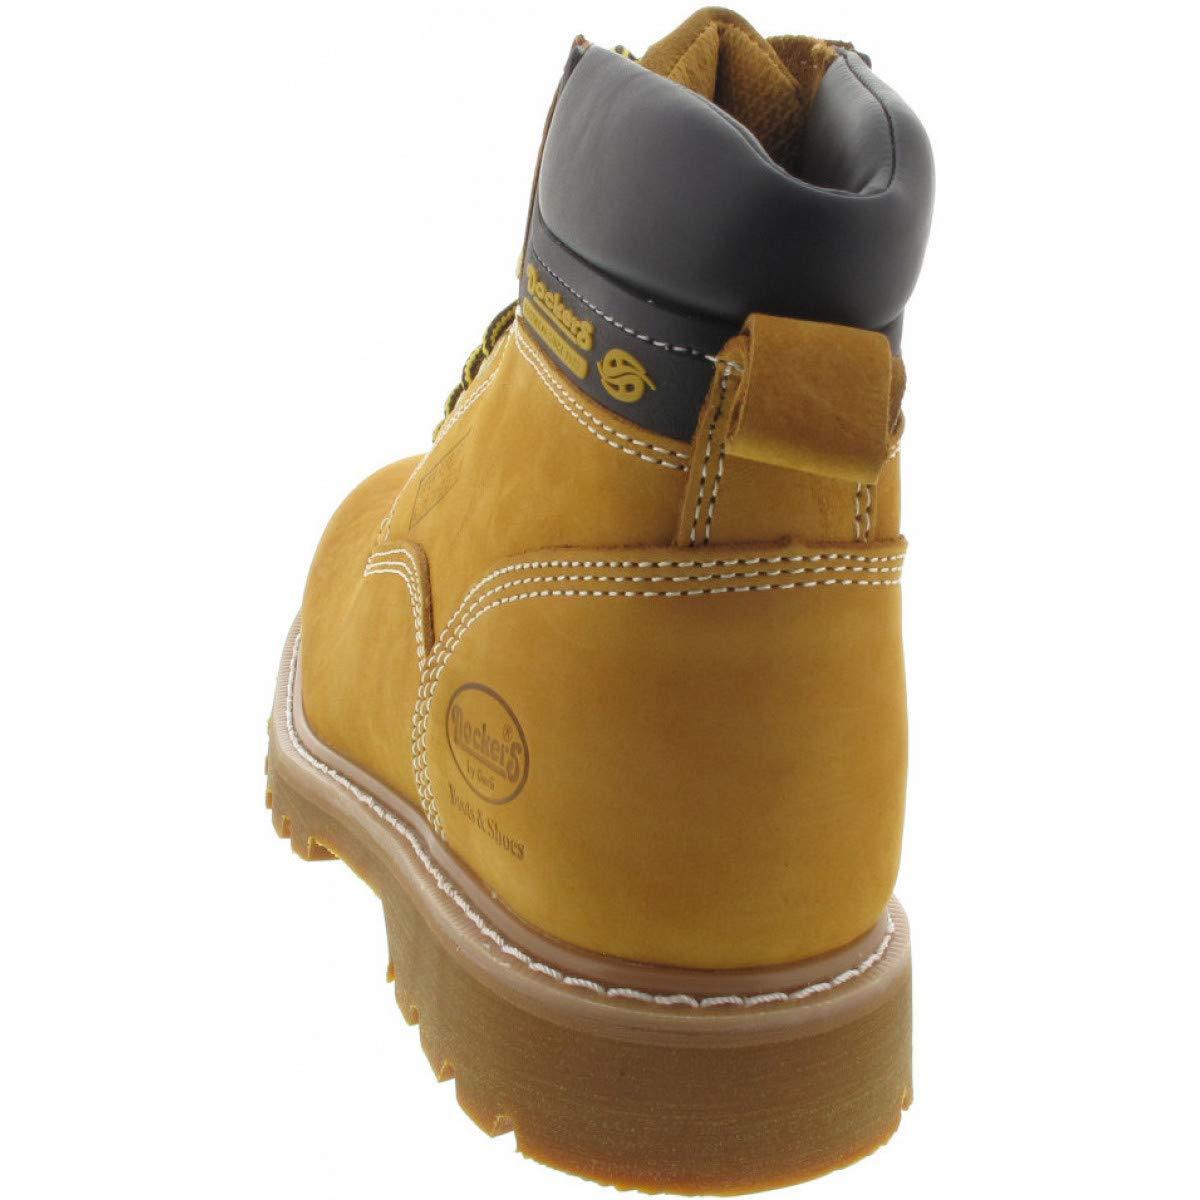 Dockers by Gerli 23DA004-400460 Herren (23da004-300910) Combat Boots Golden Tan (23da004-300910) Herren 8b07f0